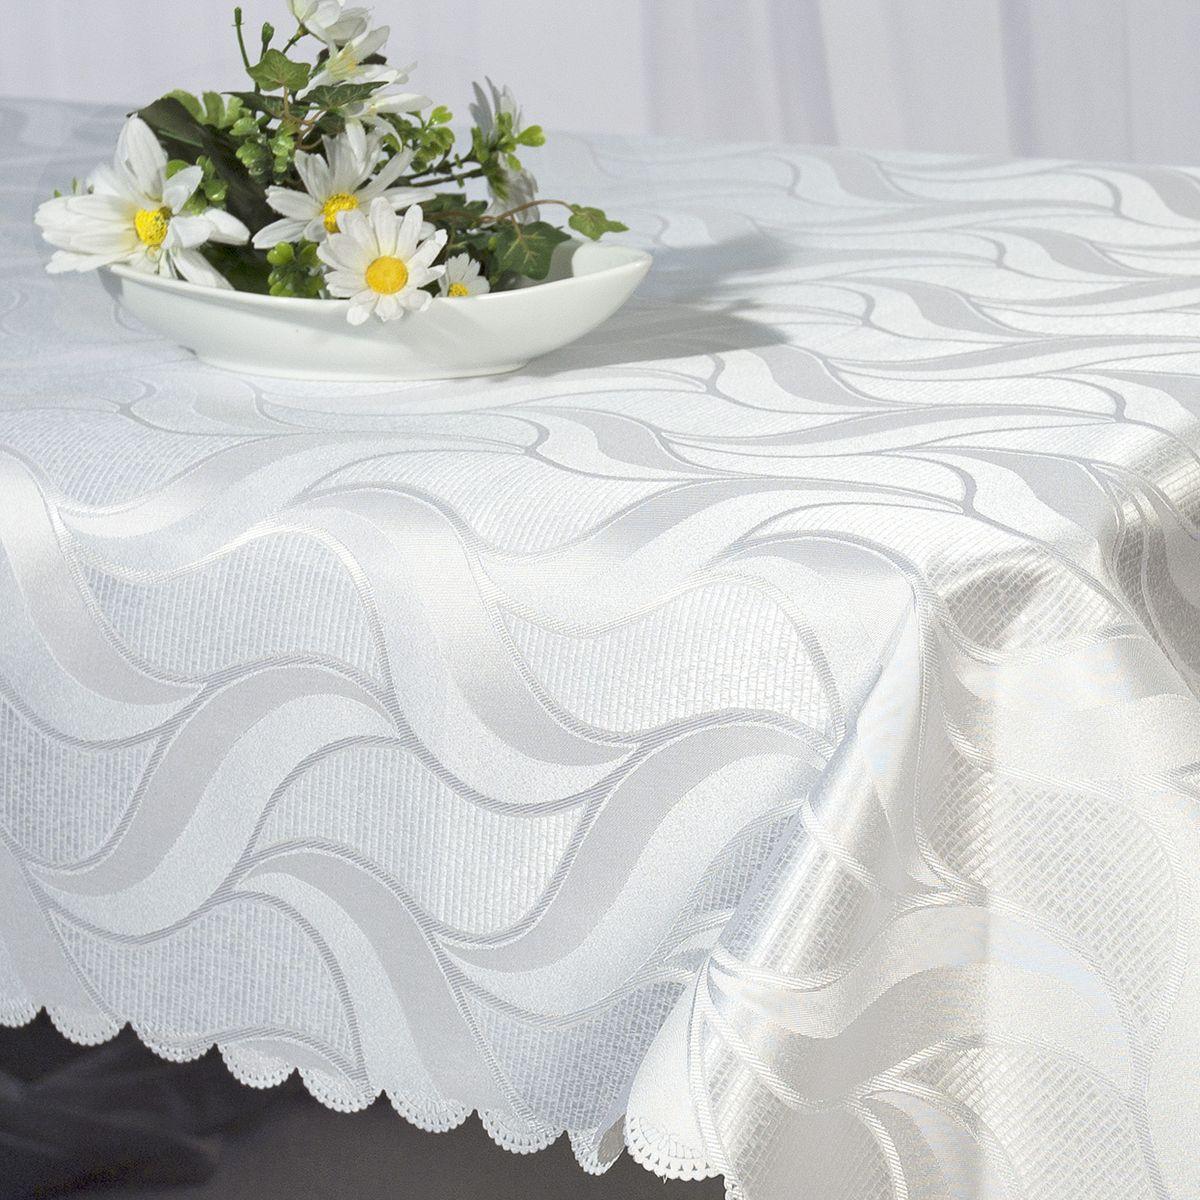 Скатерть Schaefer, прямоугольная, цвет: белый, 130 x 160 см. 07357-4271004900000360Стильная скатерть Schaefer выполнена из полиэстера.Изделия из полиэстера легко стирать: они не мнутся, не садятся и быстро сохнут, они более долговечны, чем изделия из натуральных волокон.Немецкая компания Schaefer создана в 1921 году. На протяжении всего времени существования она создает уникальные коллекции домашнего текстиля для гостиных, спален, кухонь и ванных комнат. Дизайнерские идеи немецких художников компании Schaefer воплощаются в текстильных изделиях, которые сделают ваш дом красивее и уютнее и не останутся незамеченными вашими гостями. Дарите себе и близким красоту каждый день!